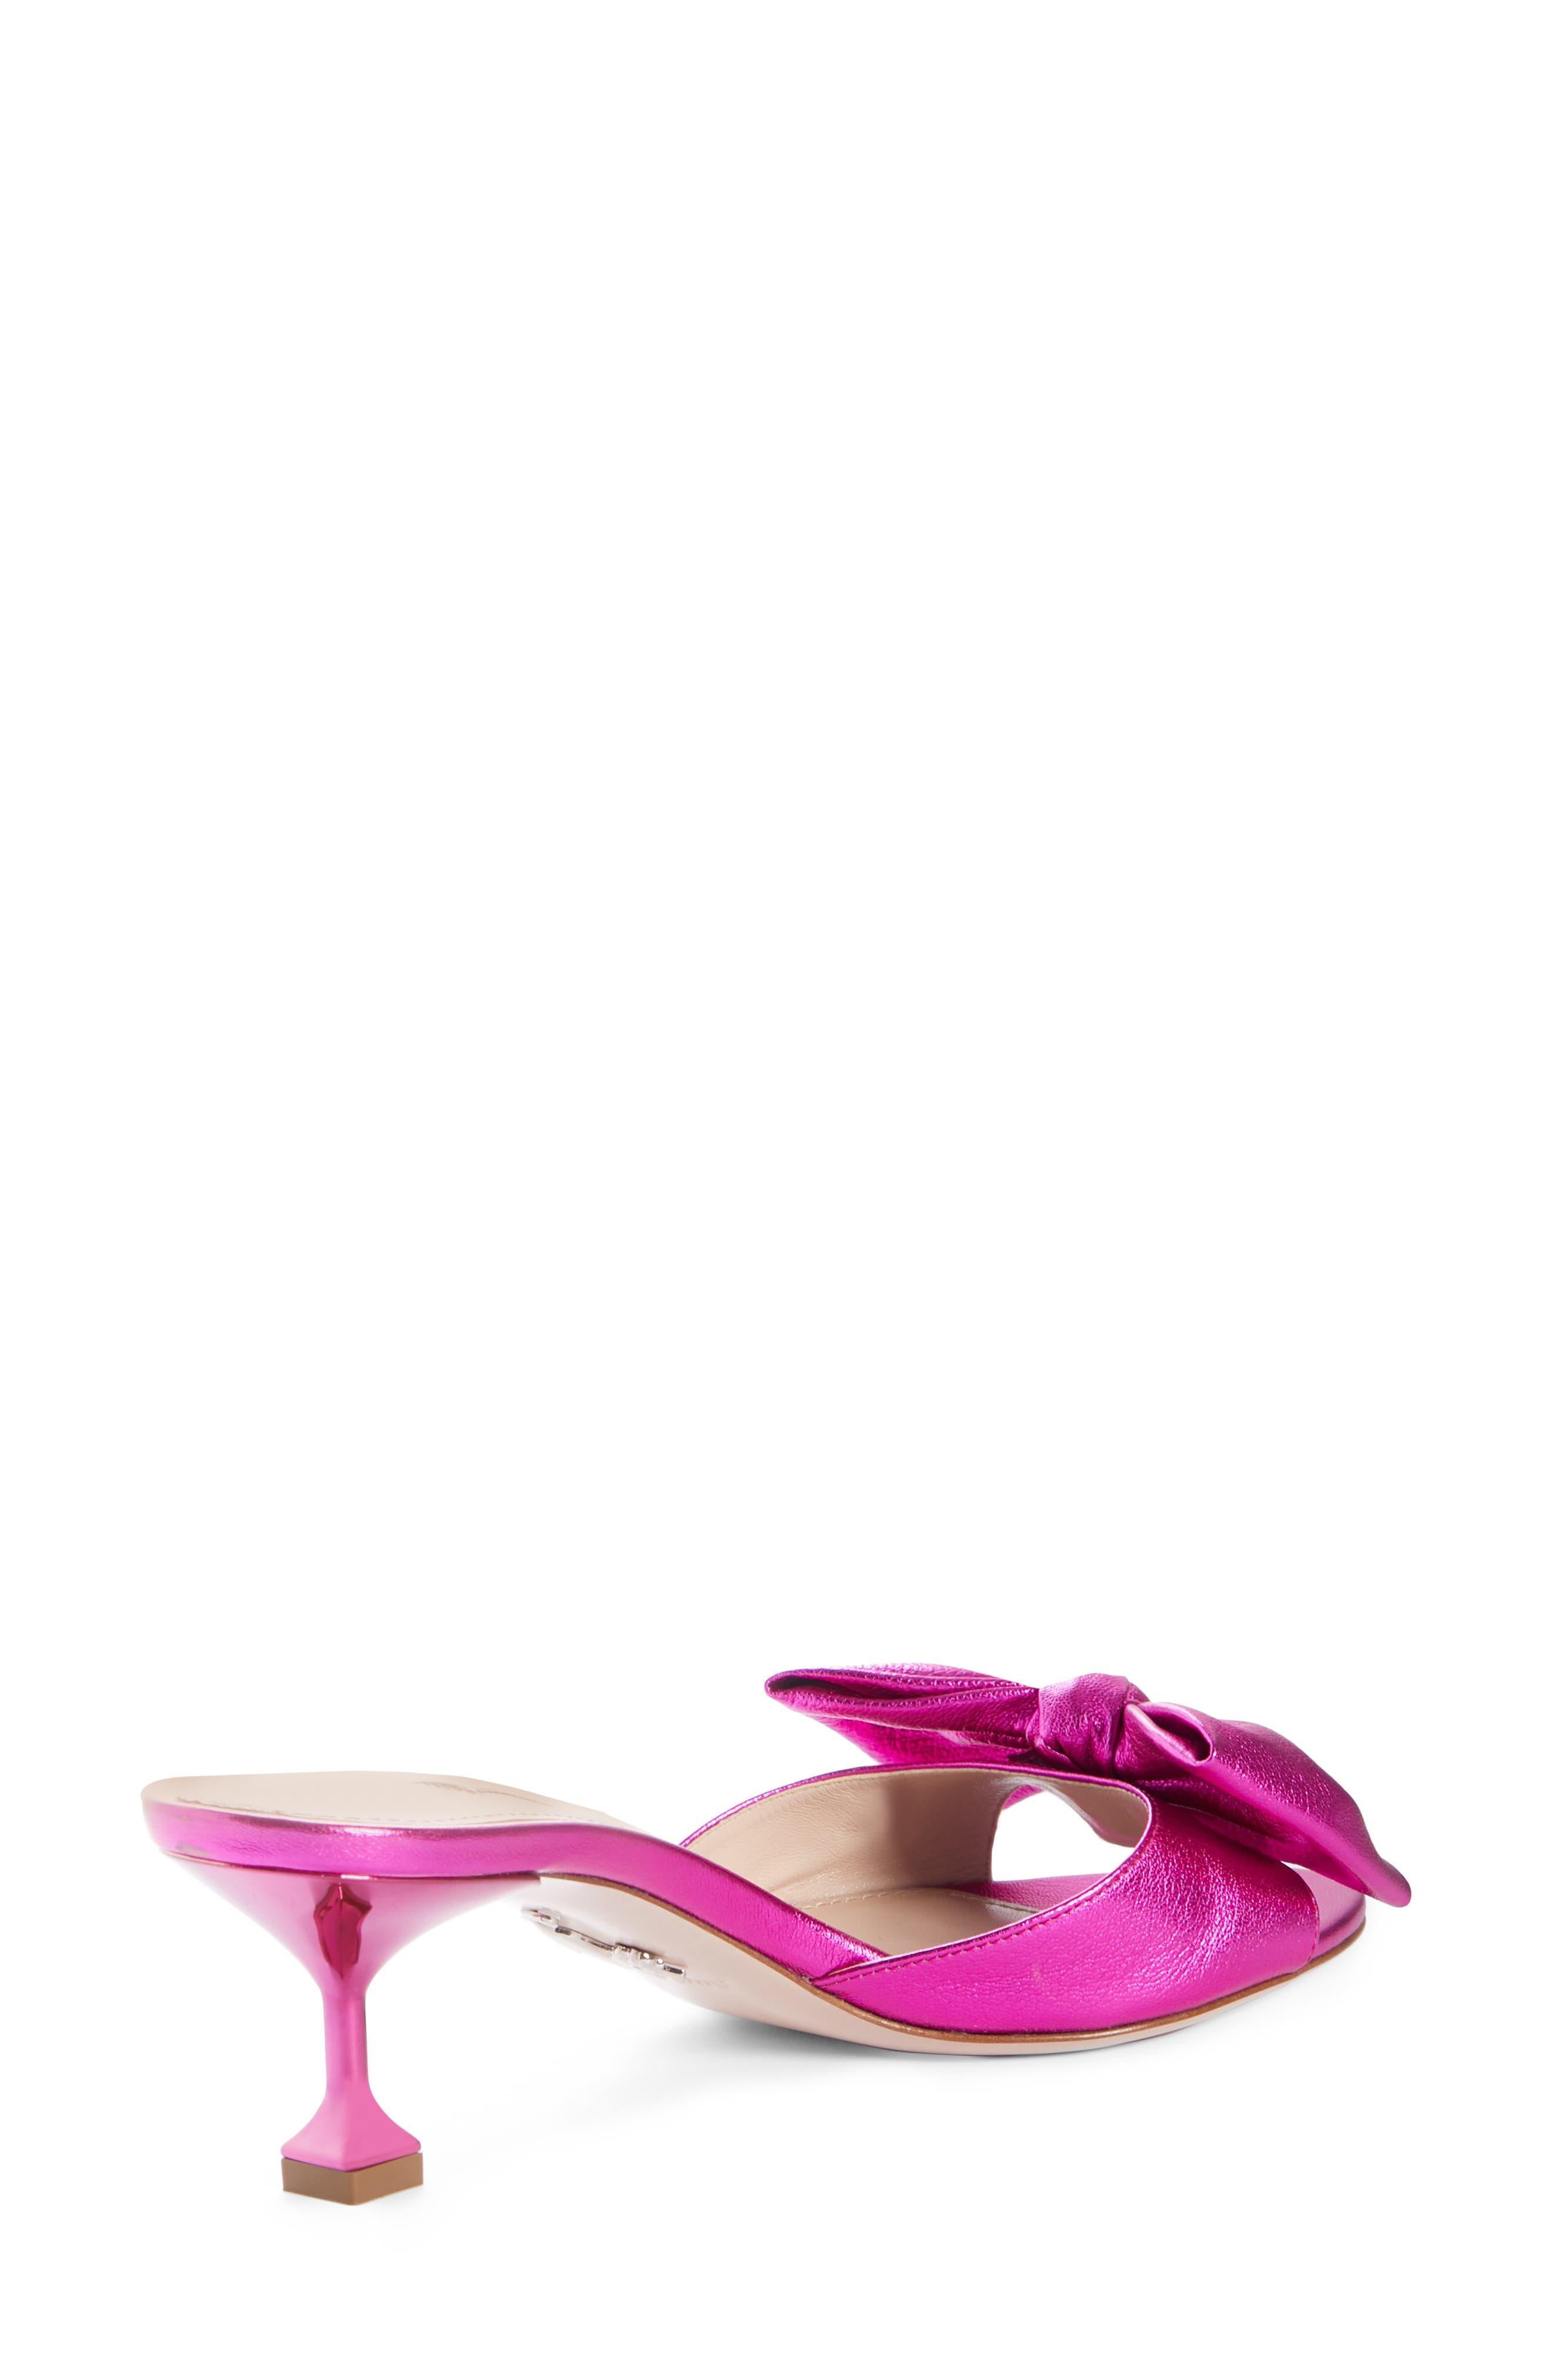 Bow Slide Sandal,                             Alternate thumbnail 2, color,                             FUCHSIA